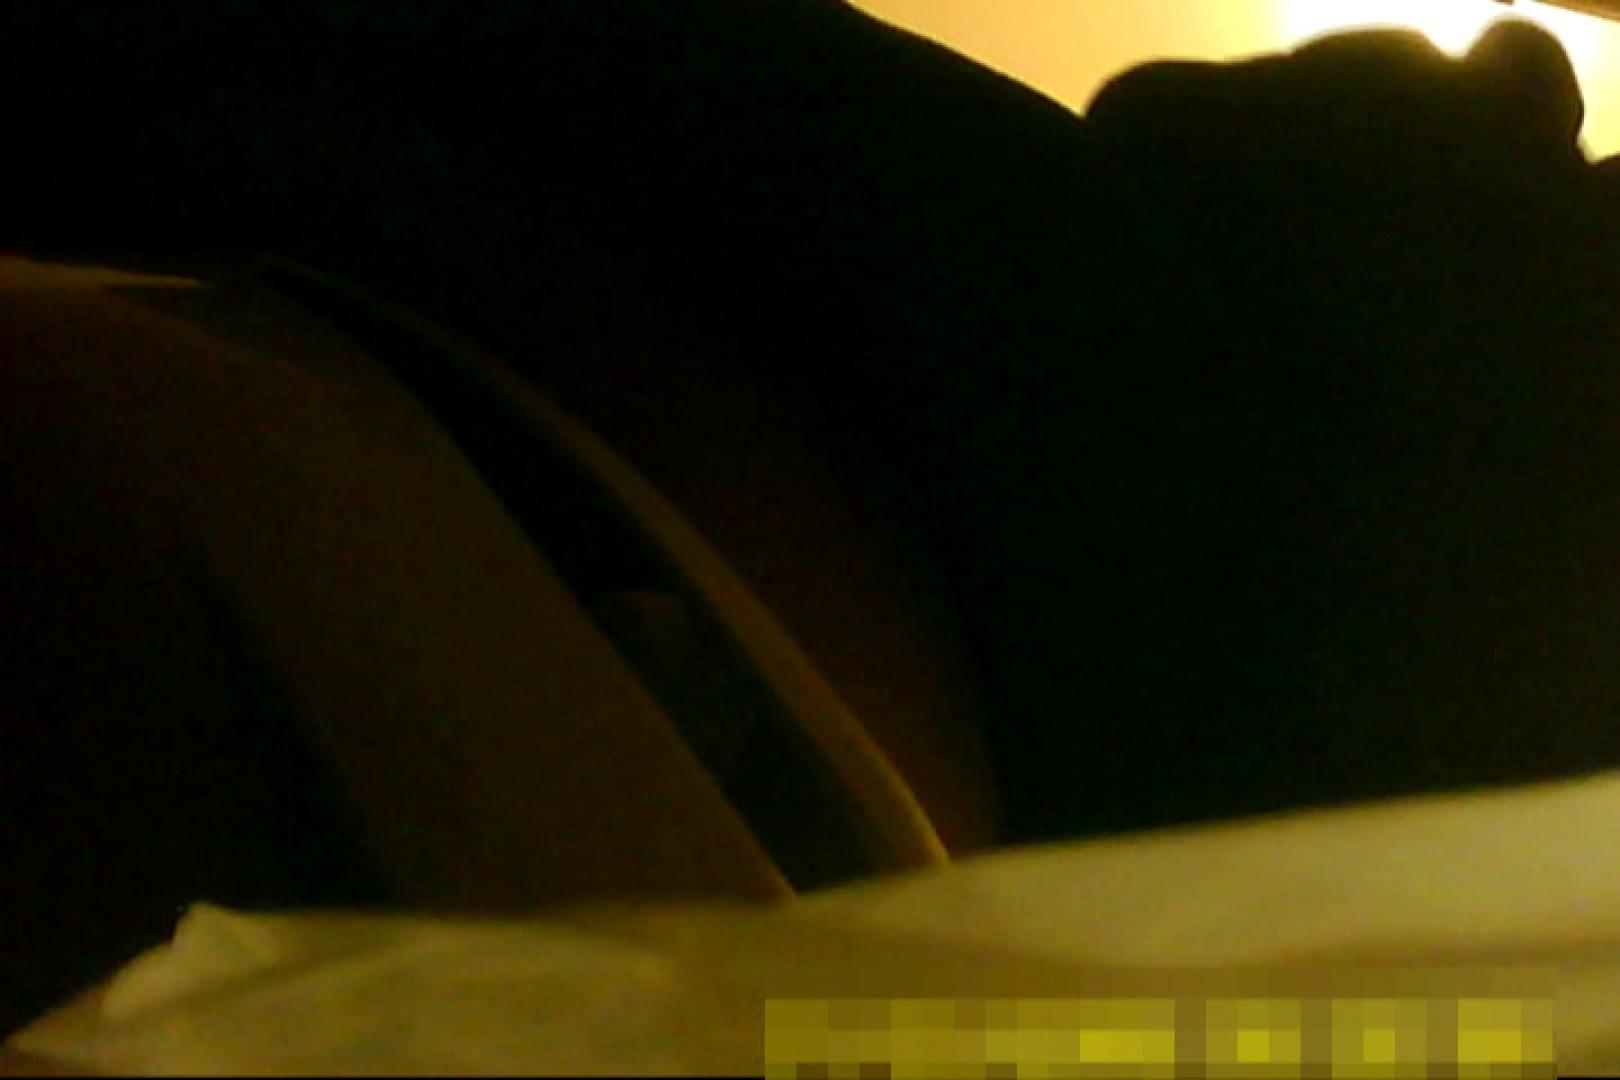 魅惑の化粧室~禁断のプライベート空間~vol.8 OLのエロ生活 オマンコ動画キャプチャ 110連発 37